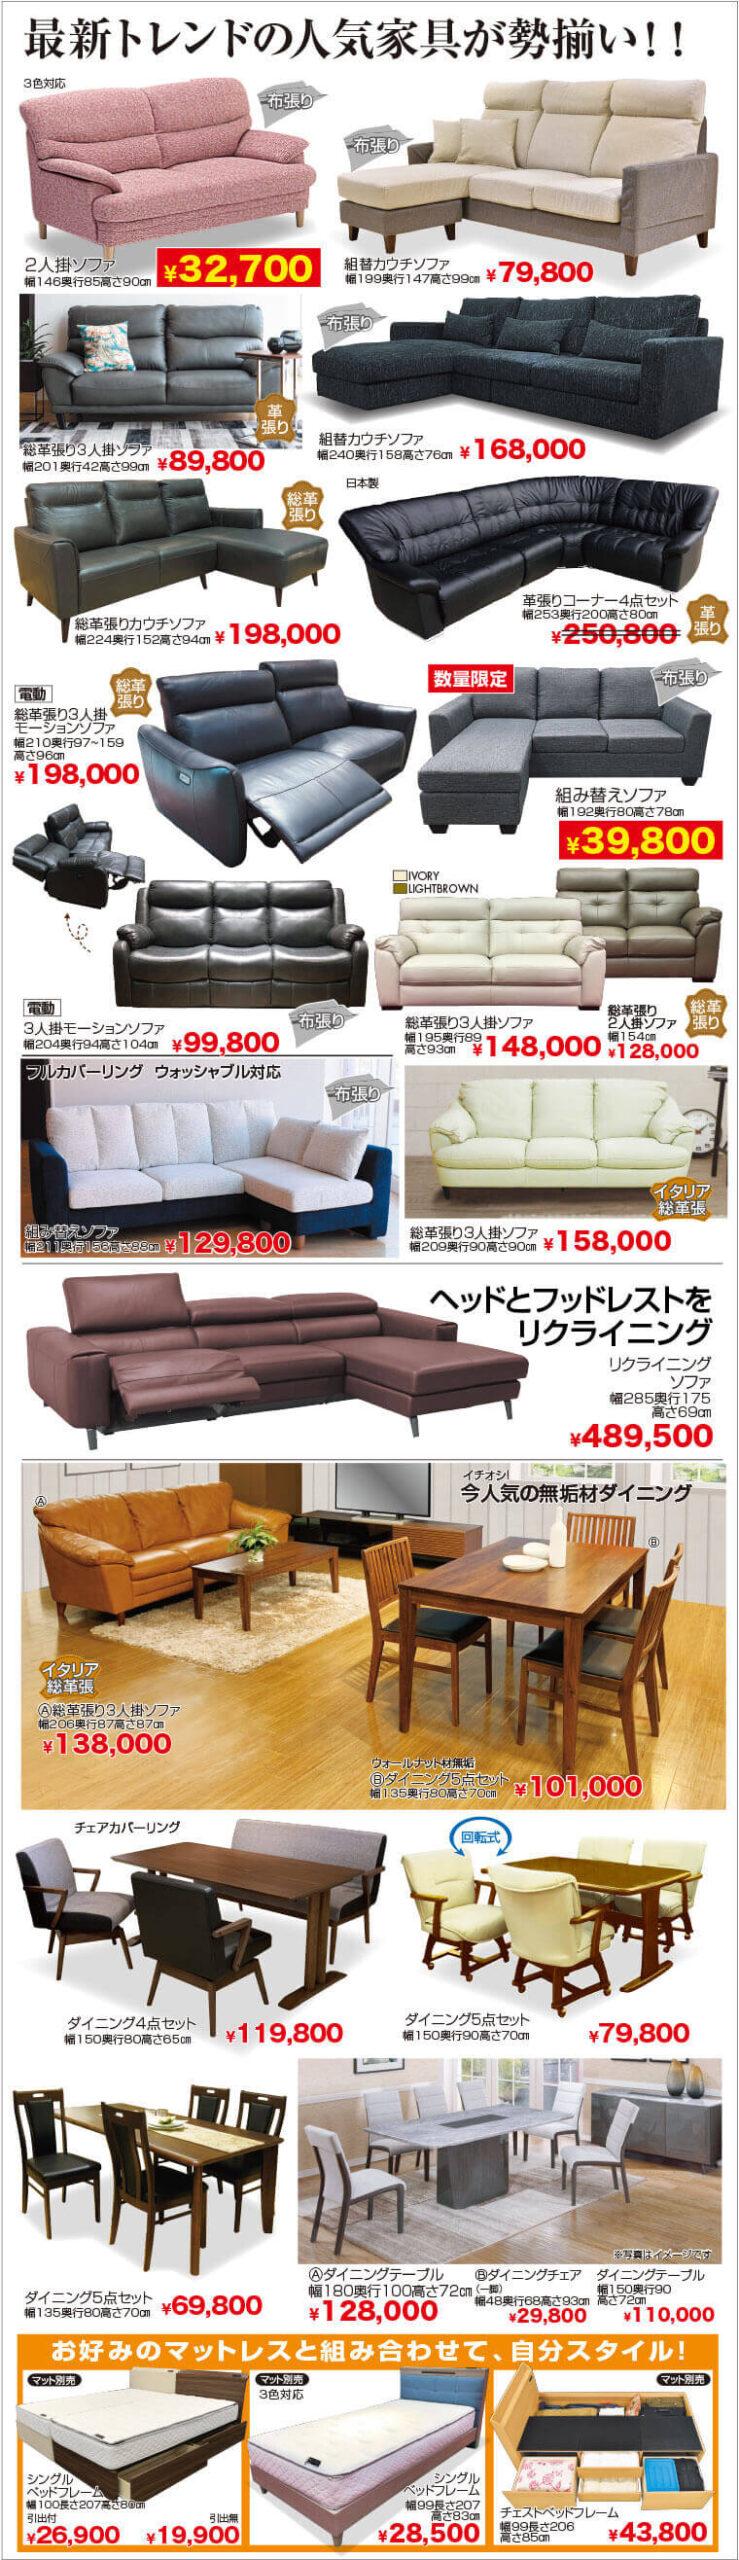 最新トレンド家具